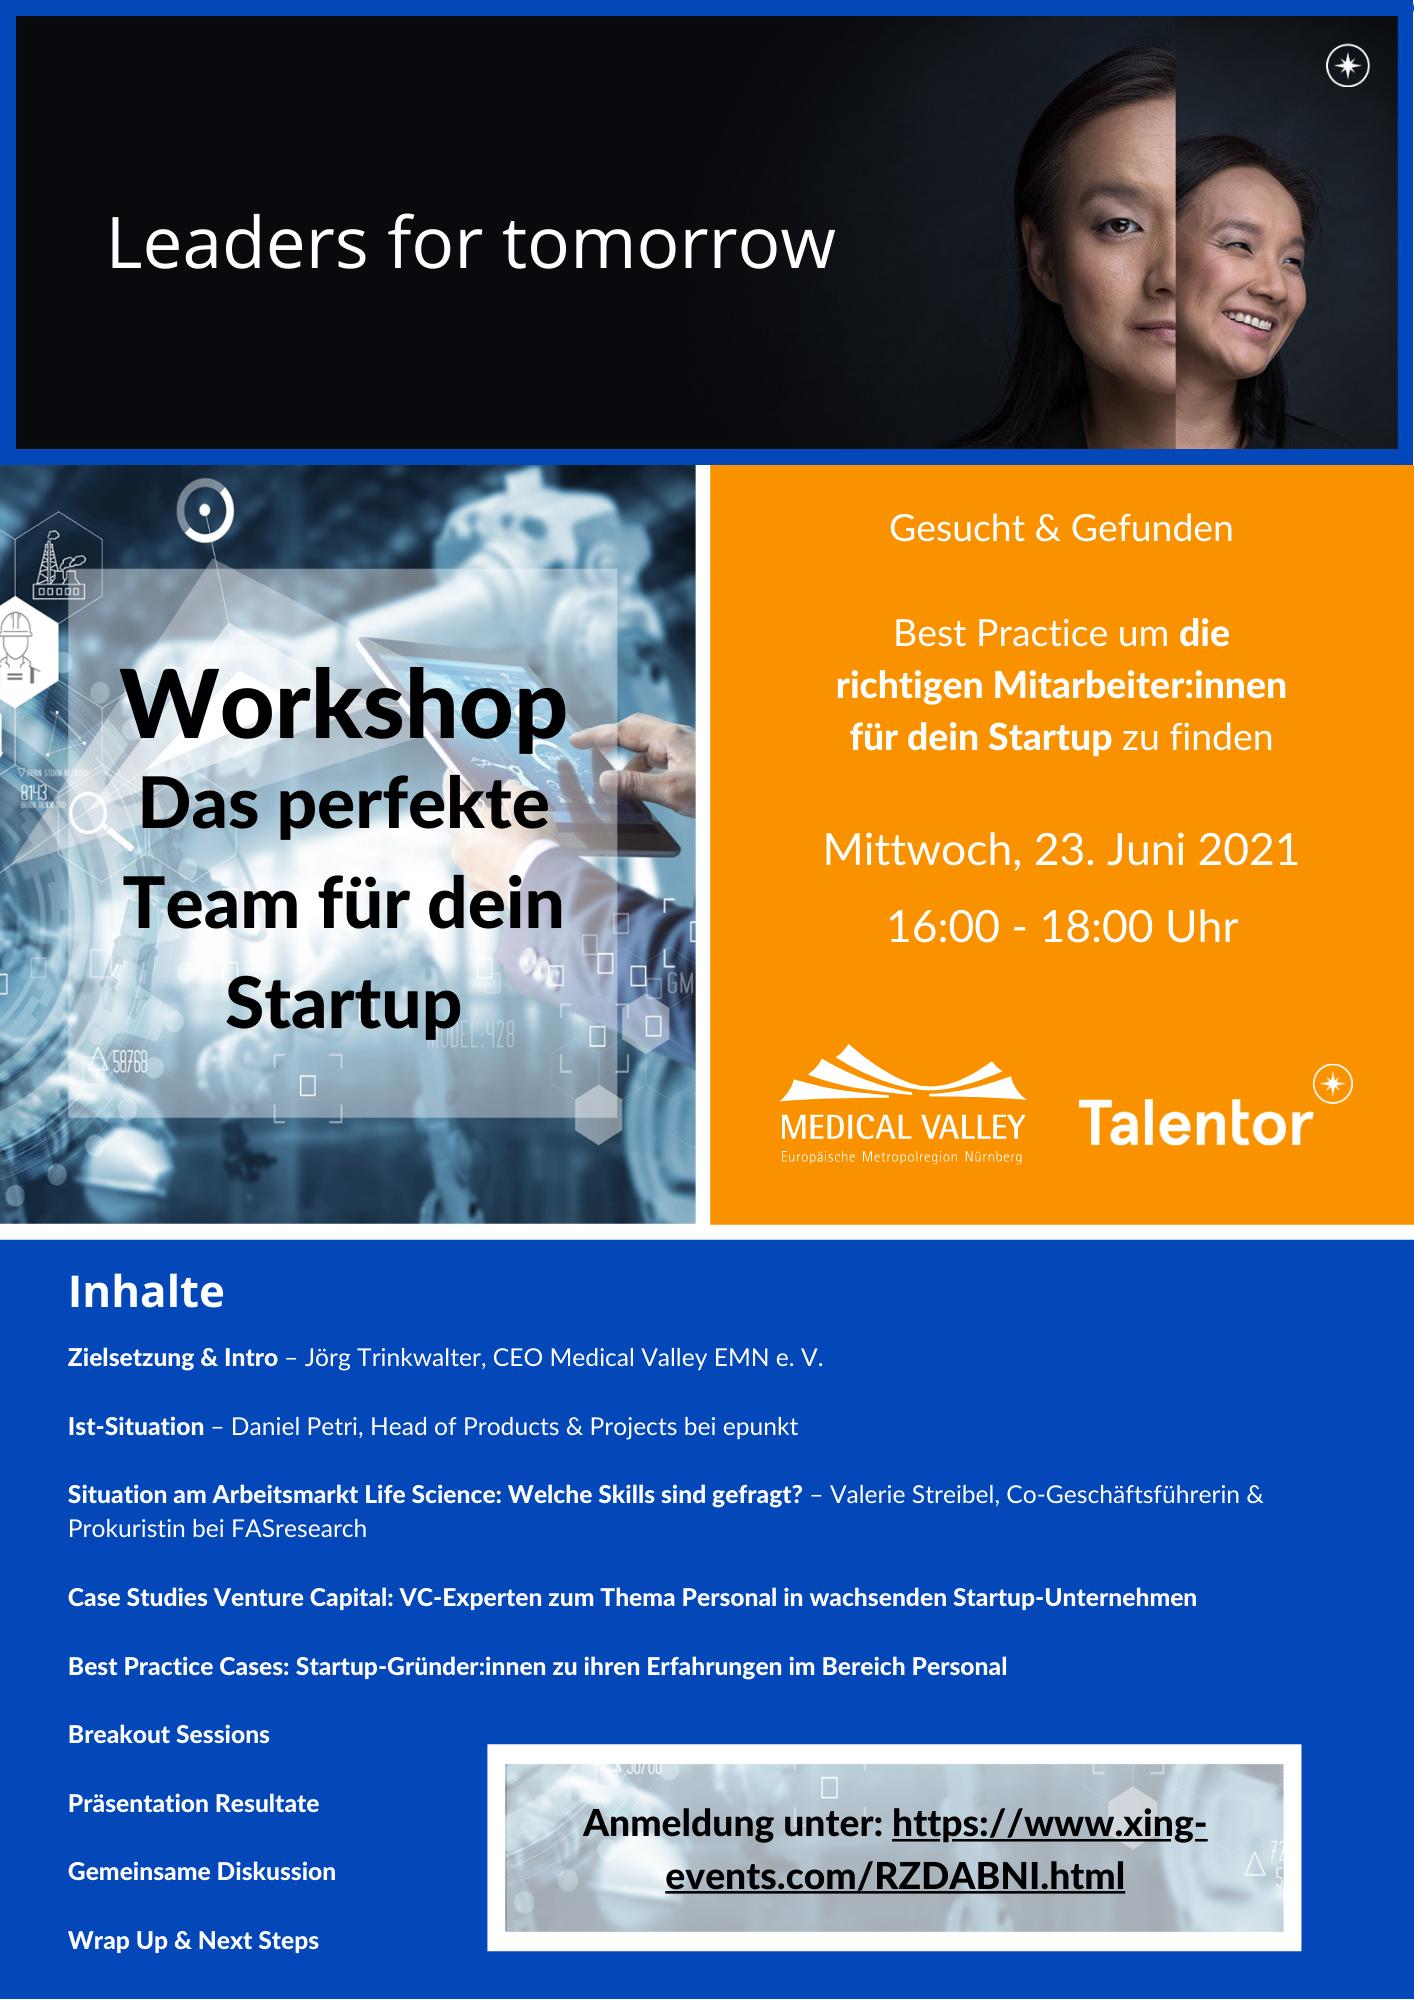 Das perfekte Team für dein Startup - Online Workshop